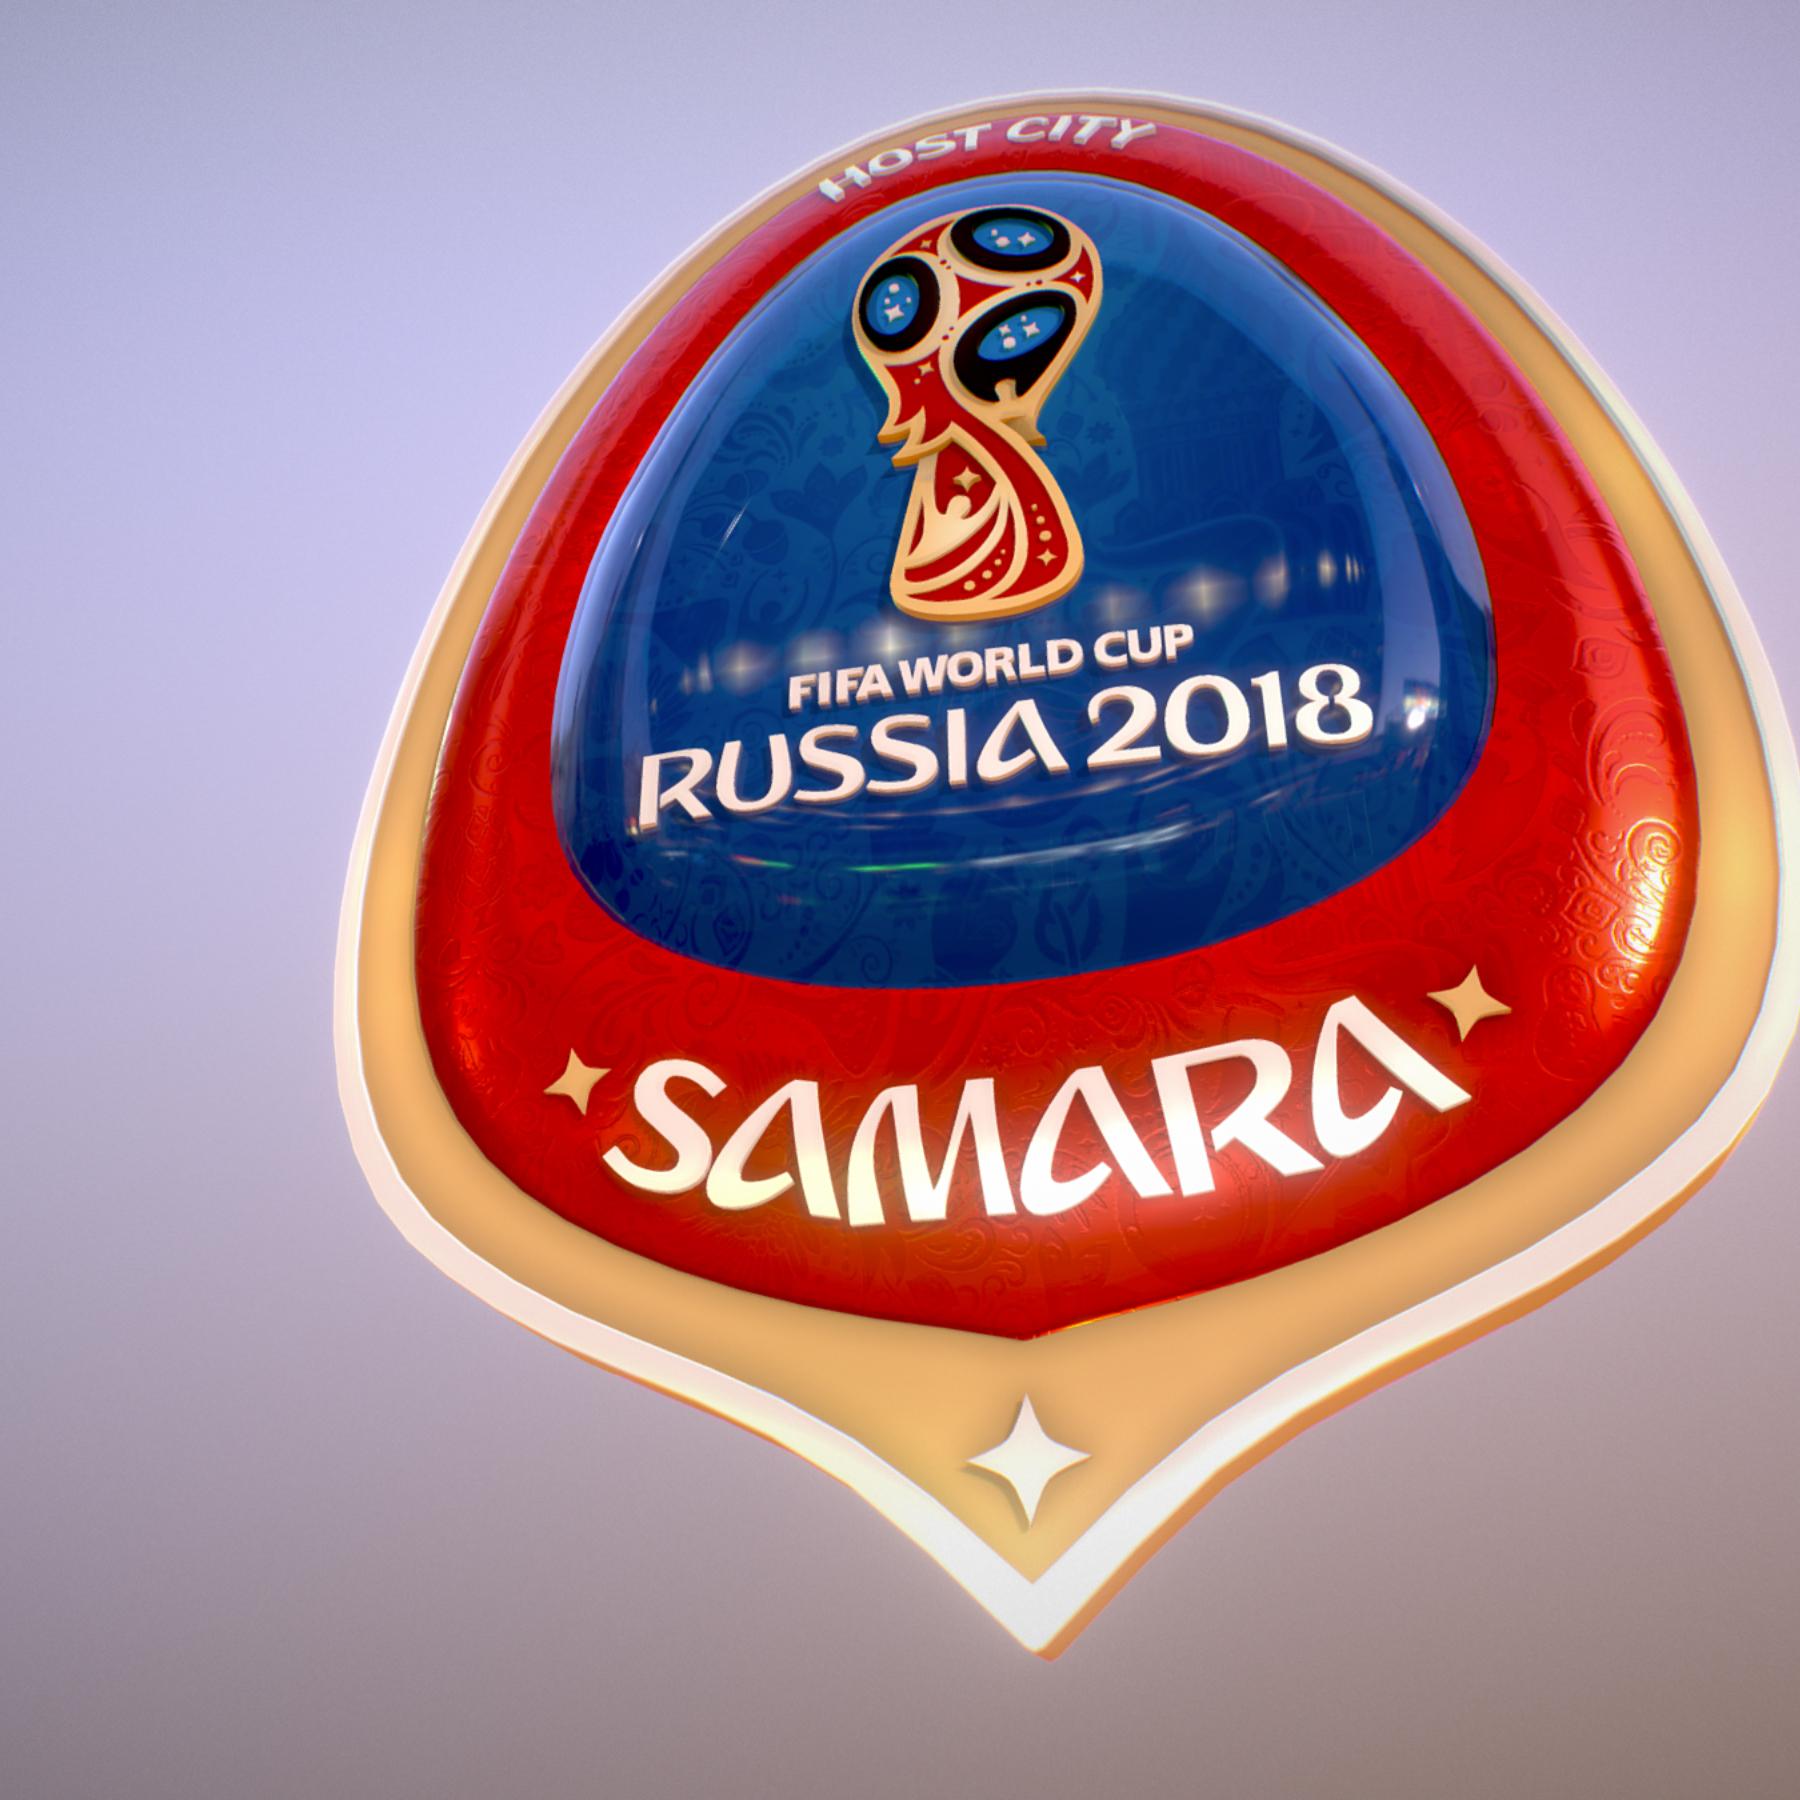 samara host city world cup russia 2018 symbol 3d model max  fbx jpeg jpg ma mb obj 271813